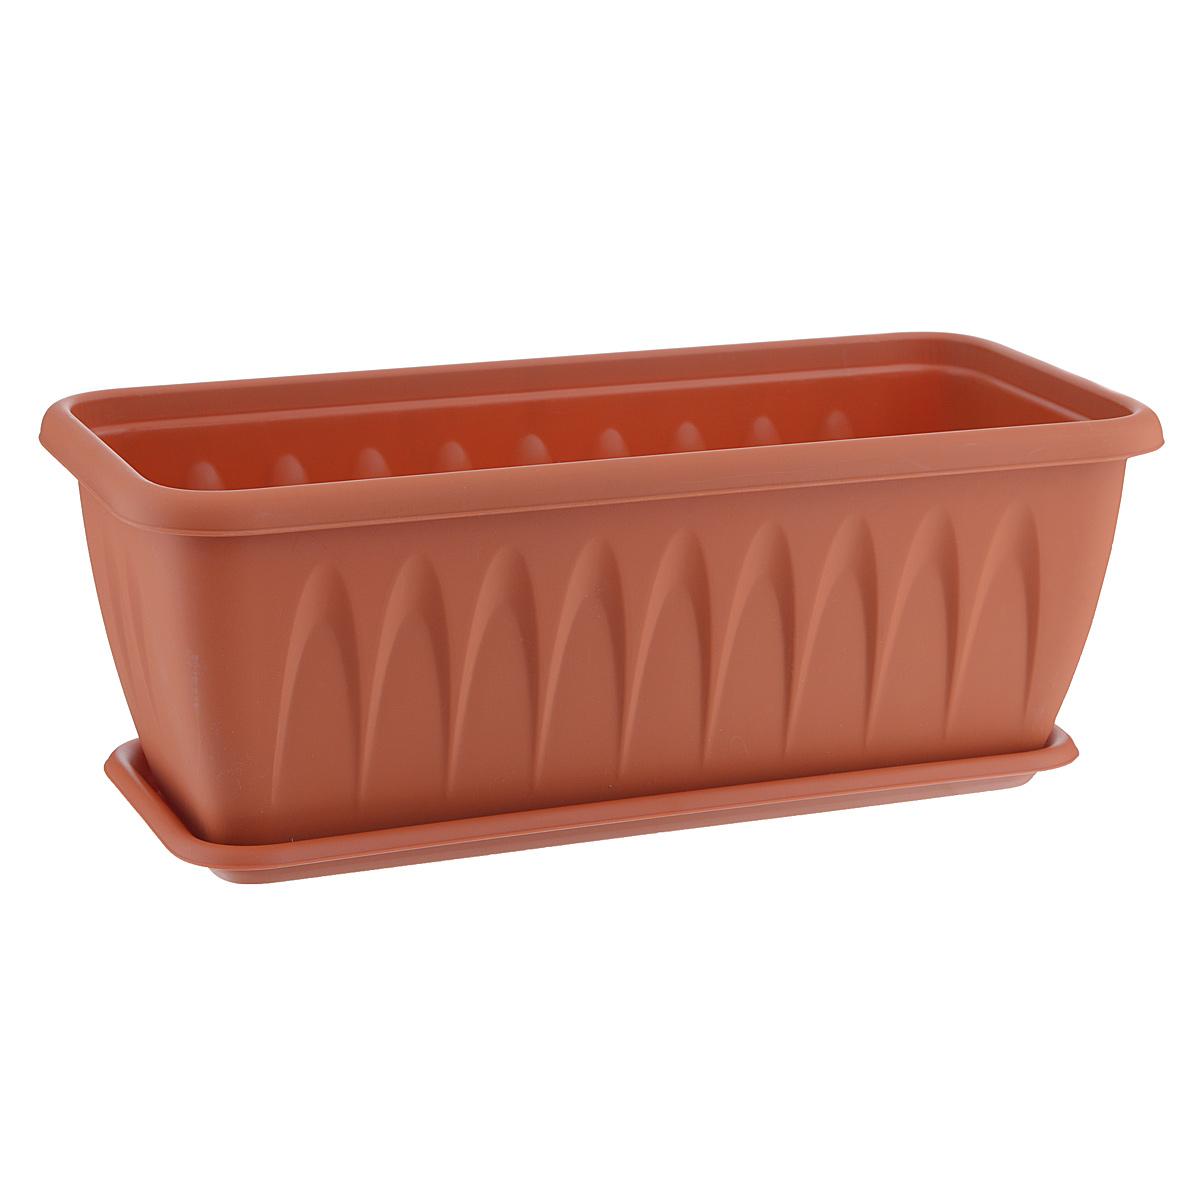 Балконный ящик Idea Алиция, с поддоном, 40 х 18 см67063_1Балконный ящик Idea Алиция изготовлен из прочного полипропилена (пластика). Снабжен поддоном для стока воды. Изделие прекрасно подходит для выращивания рассады, растений и цветов в домашних условиях.